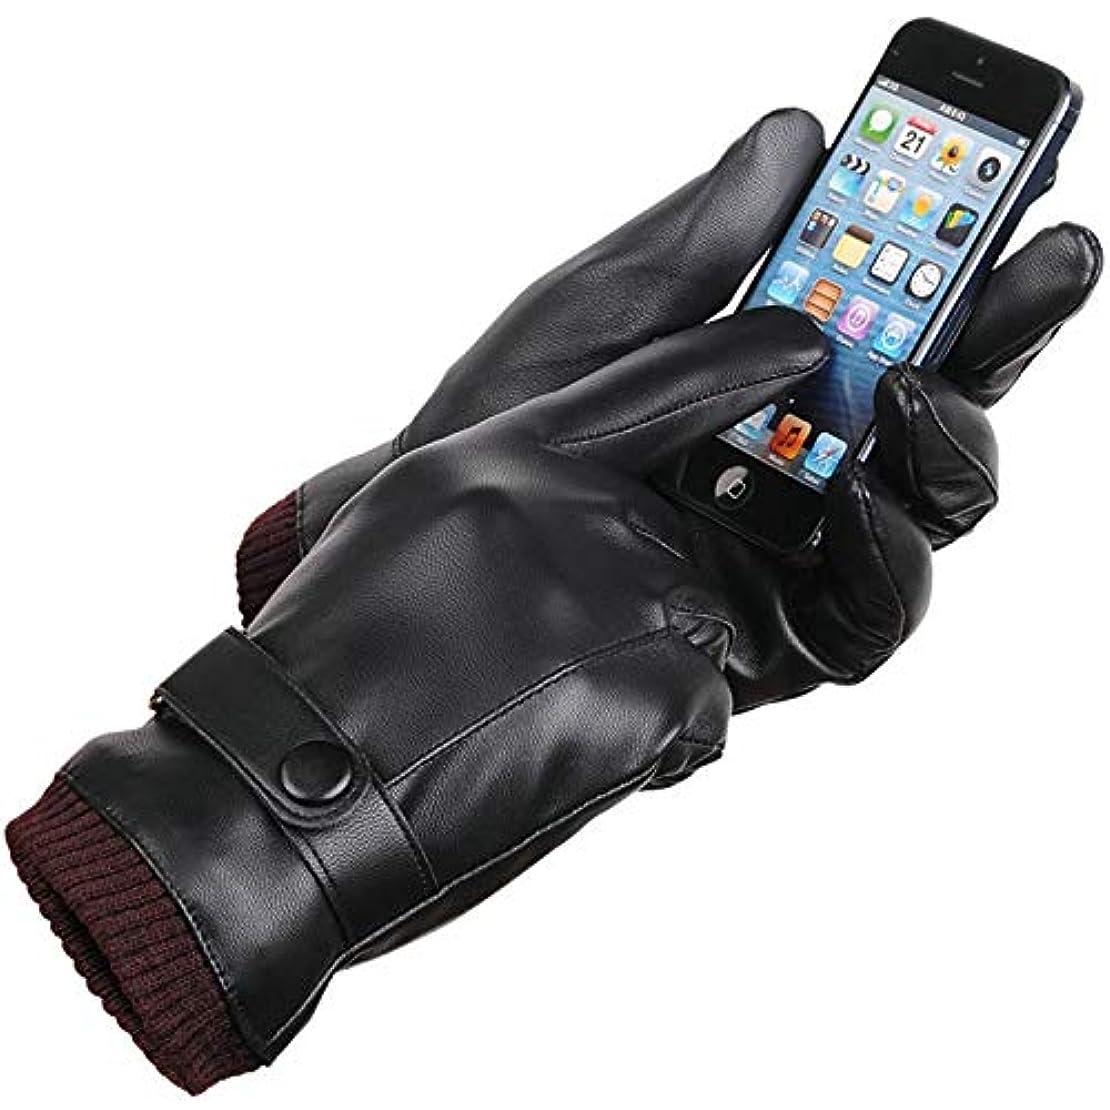 打ち上げるバルセロナ子Adisaer 手袋 レディース スマホ対応 防水 カップル バイク 自転車 ブラック 小物 クリスマス プレゼント